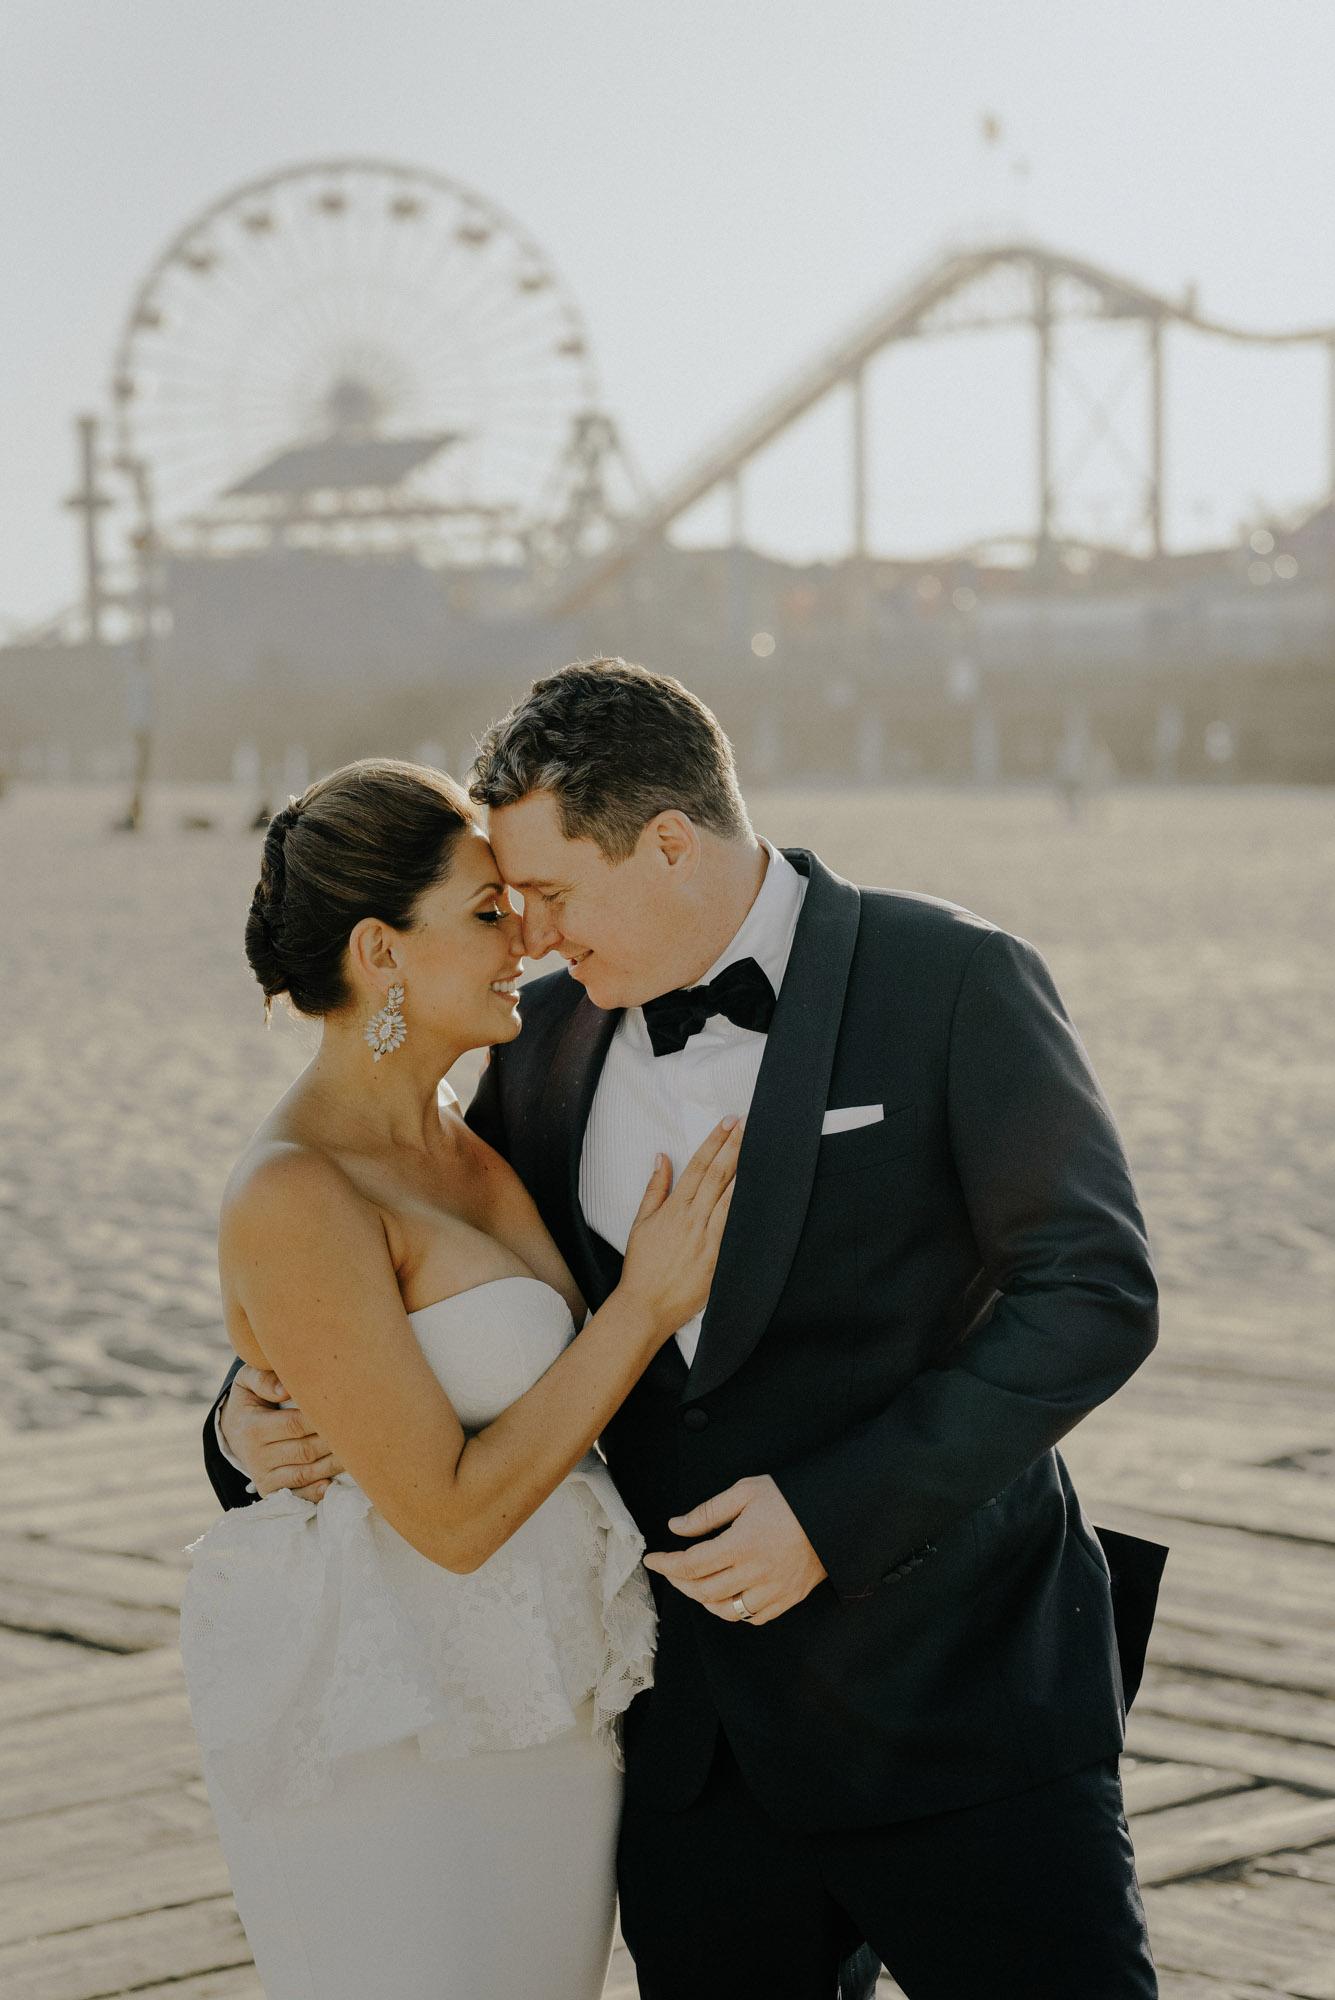 Ebony-Jason-Wedding-Indulge-Magazine-5-of-16.jpg